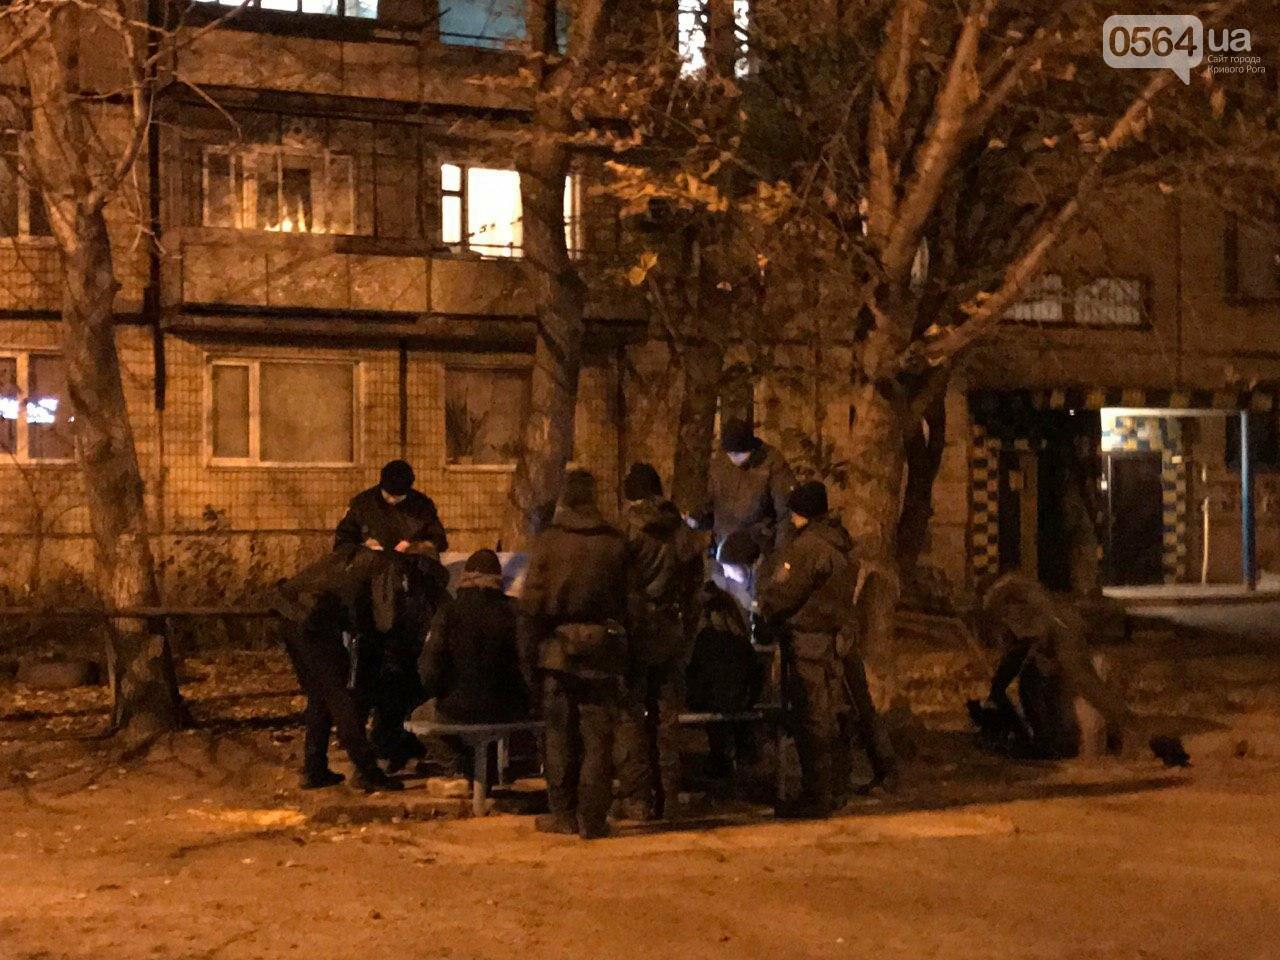 """""""Чувак нашел закладку и мы его задержали"""": криворожане стали очевидцами задержания наркозависимого, - ФОТО , фото-3"""